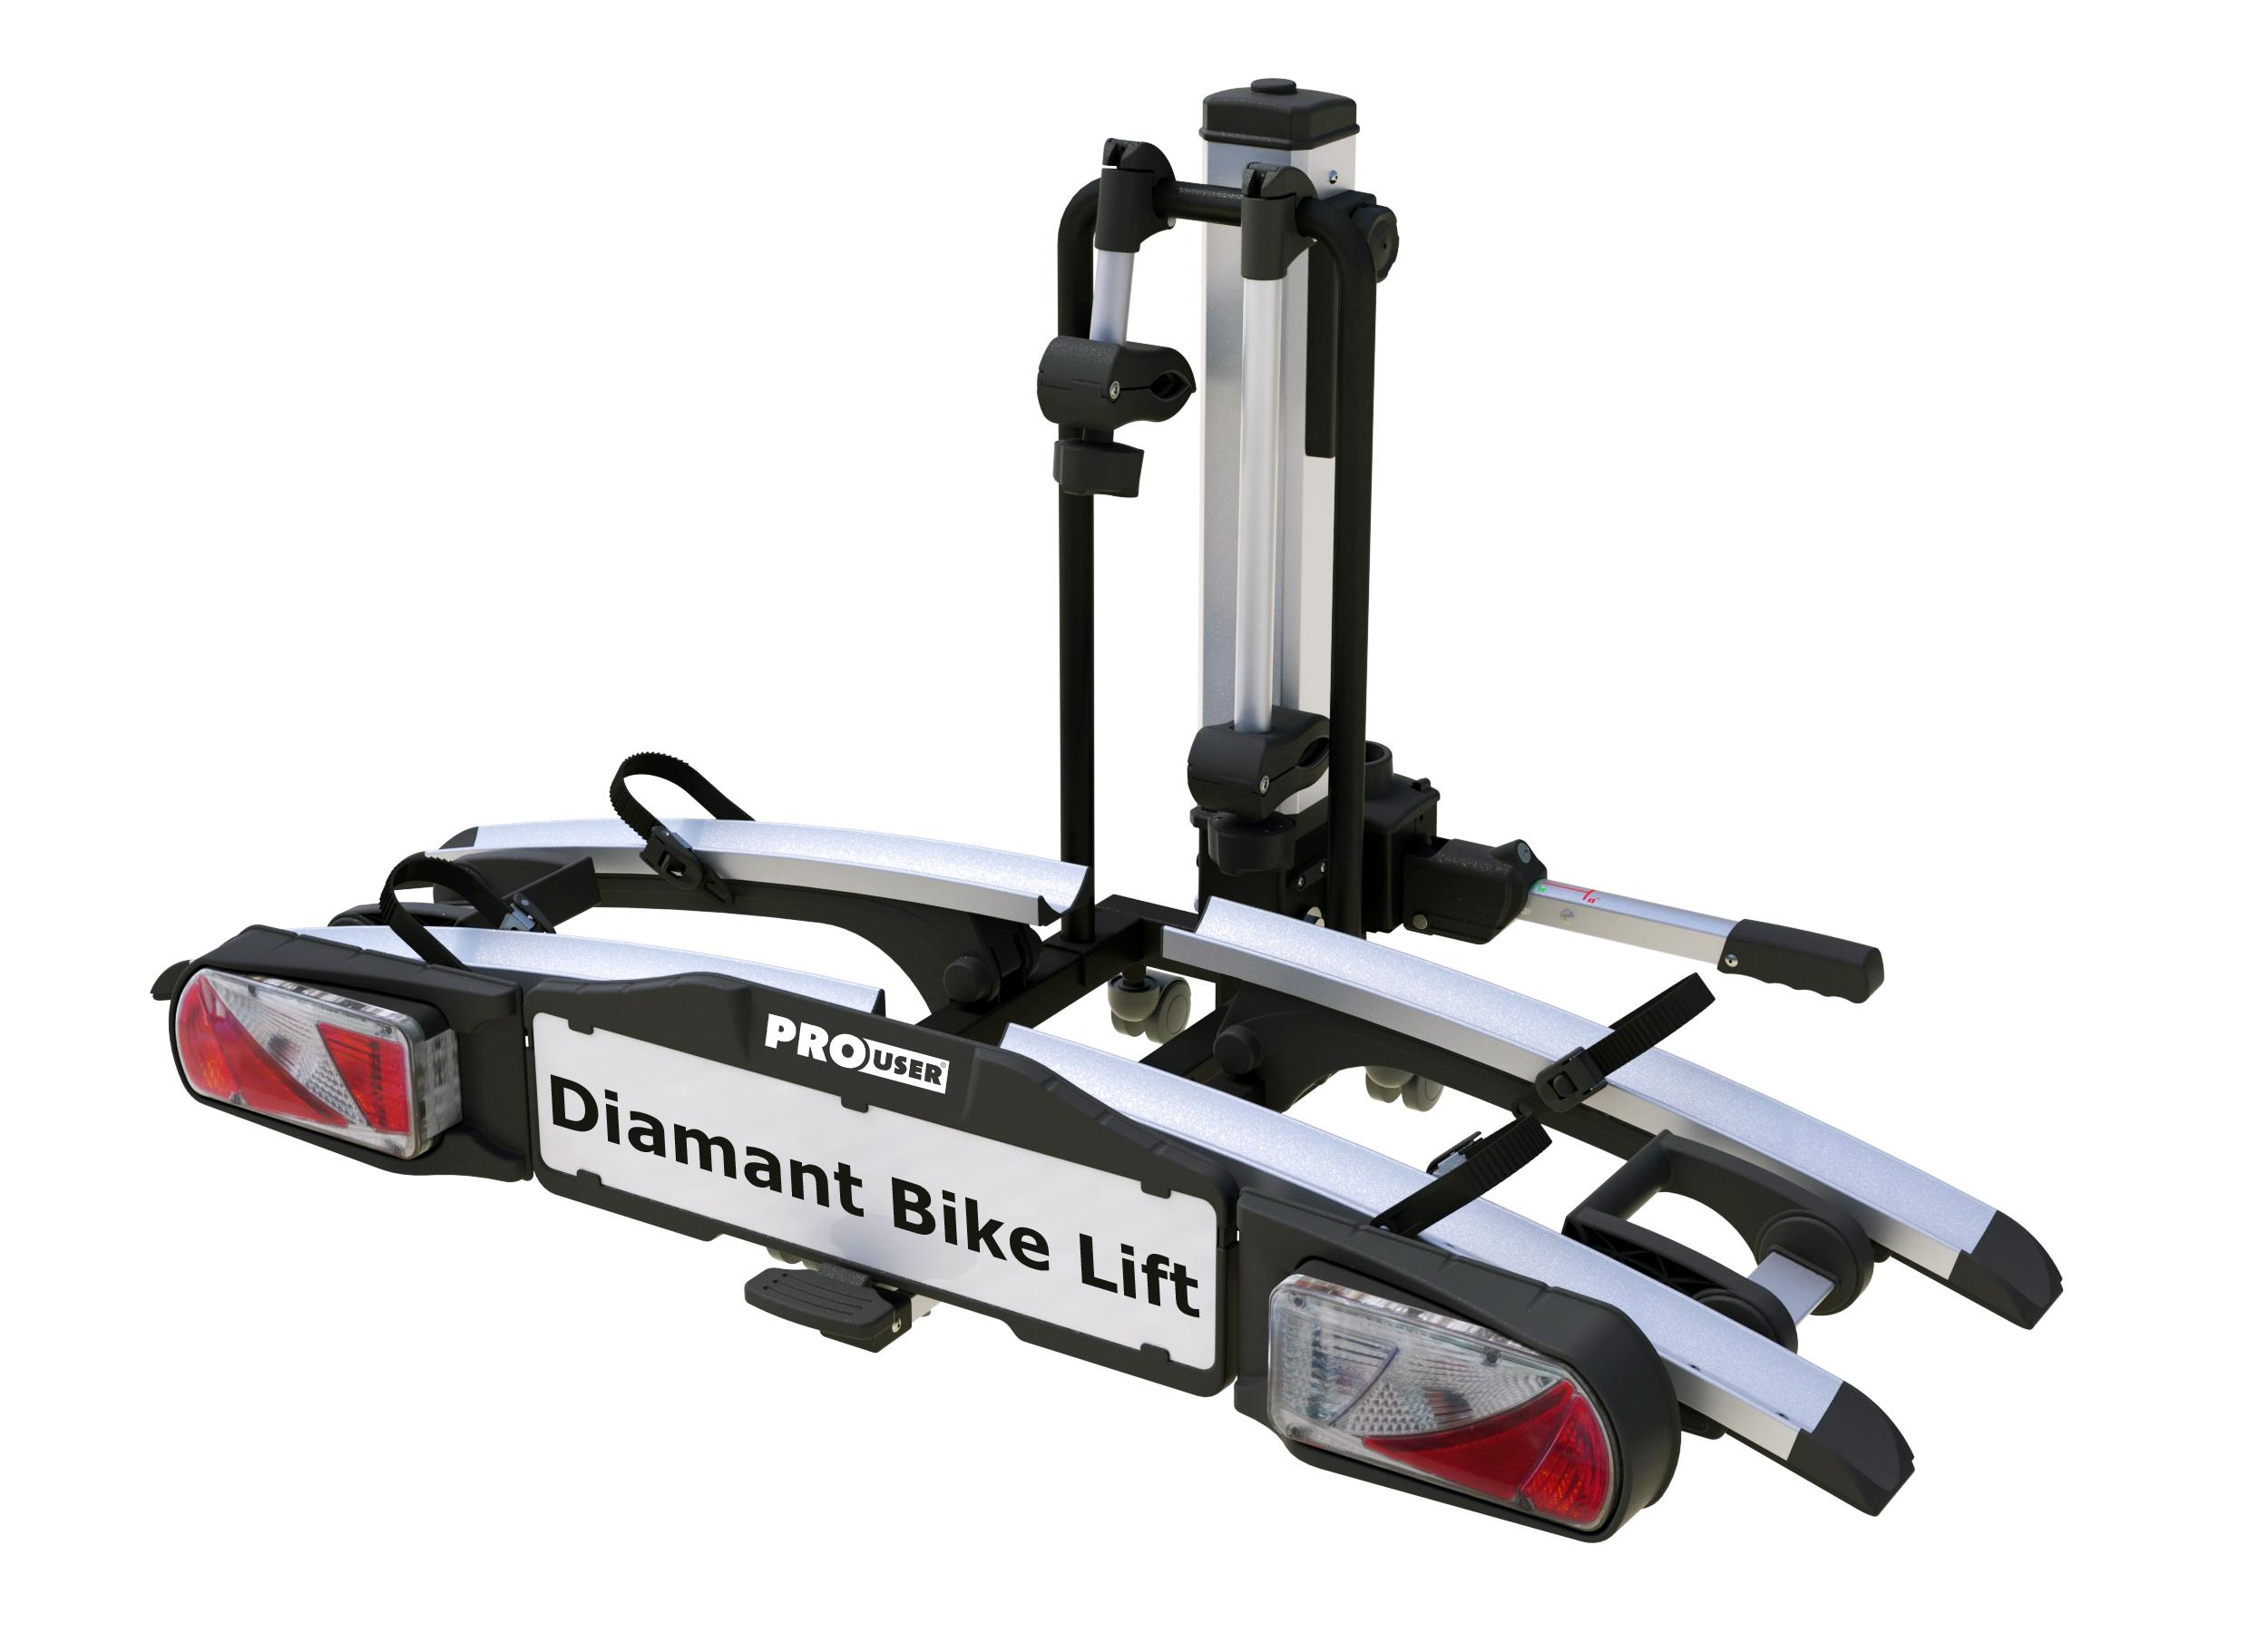 Pro-User Diamant Bike Lift kerékpárszállító vonóhorogra elektromos kerékpárokhoz